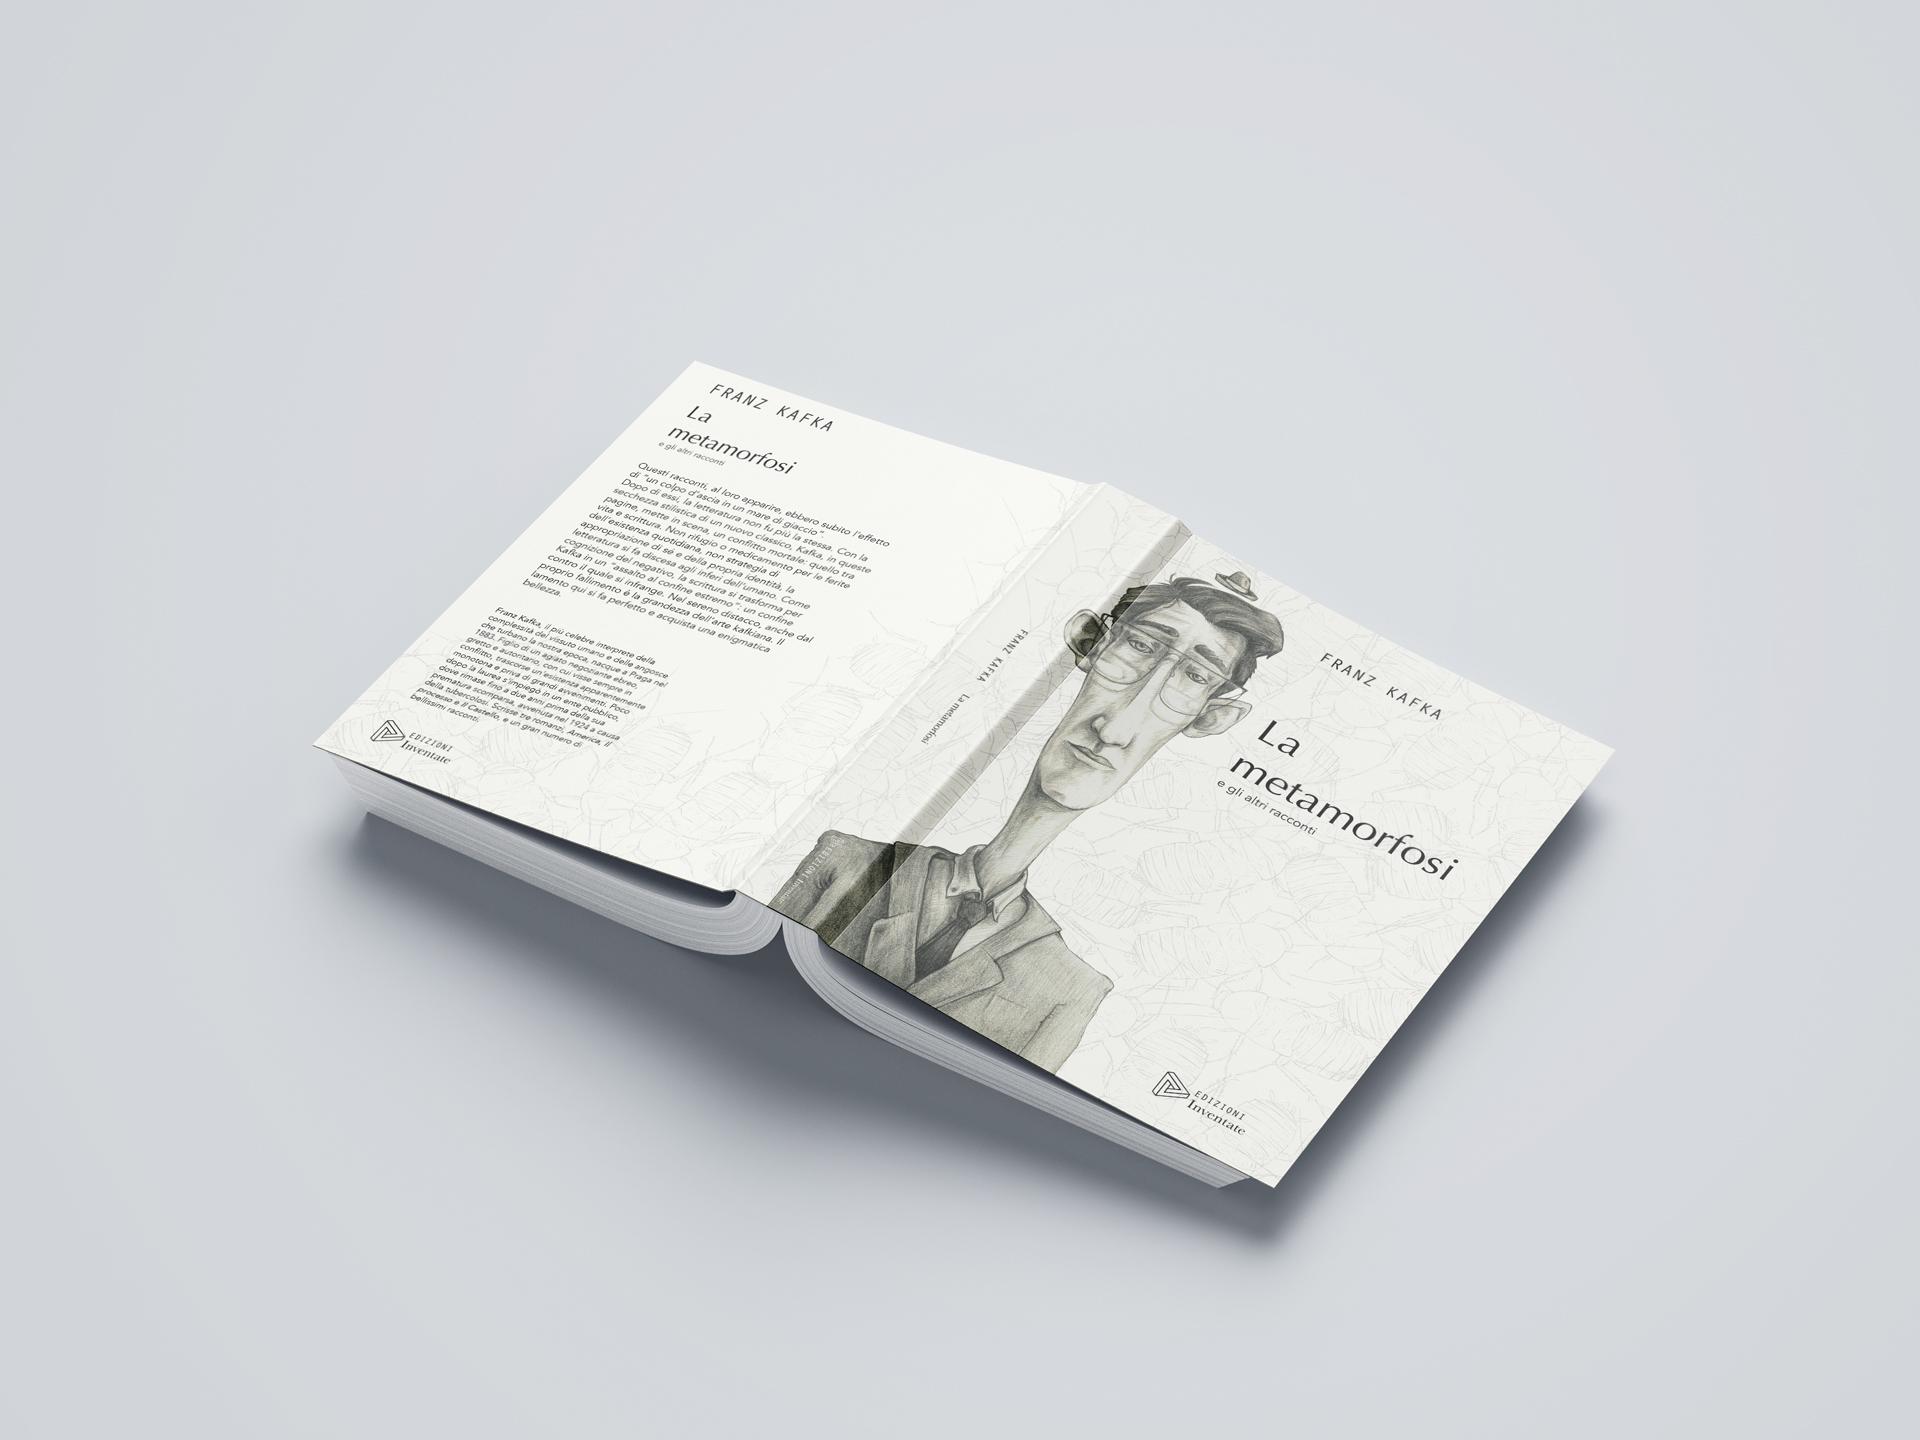 libro1-b